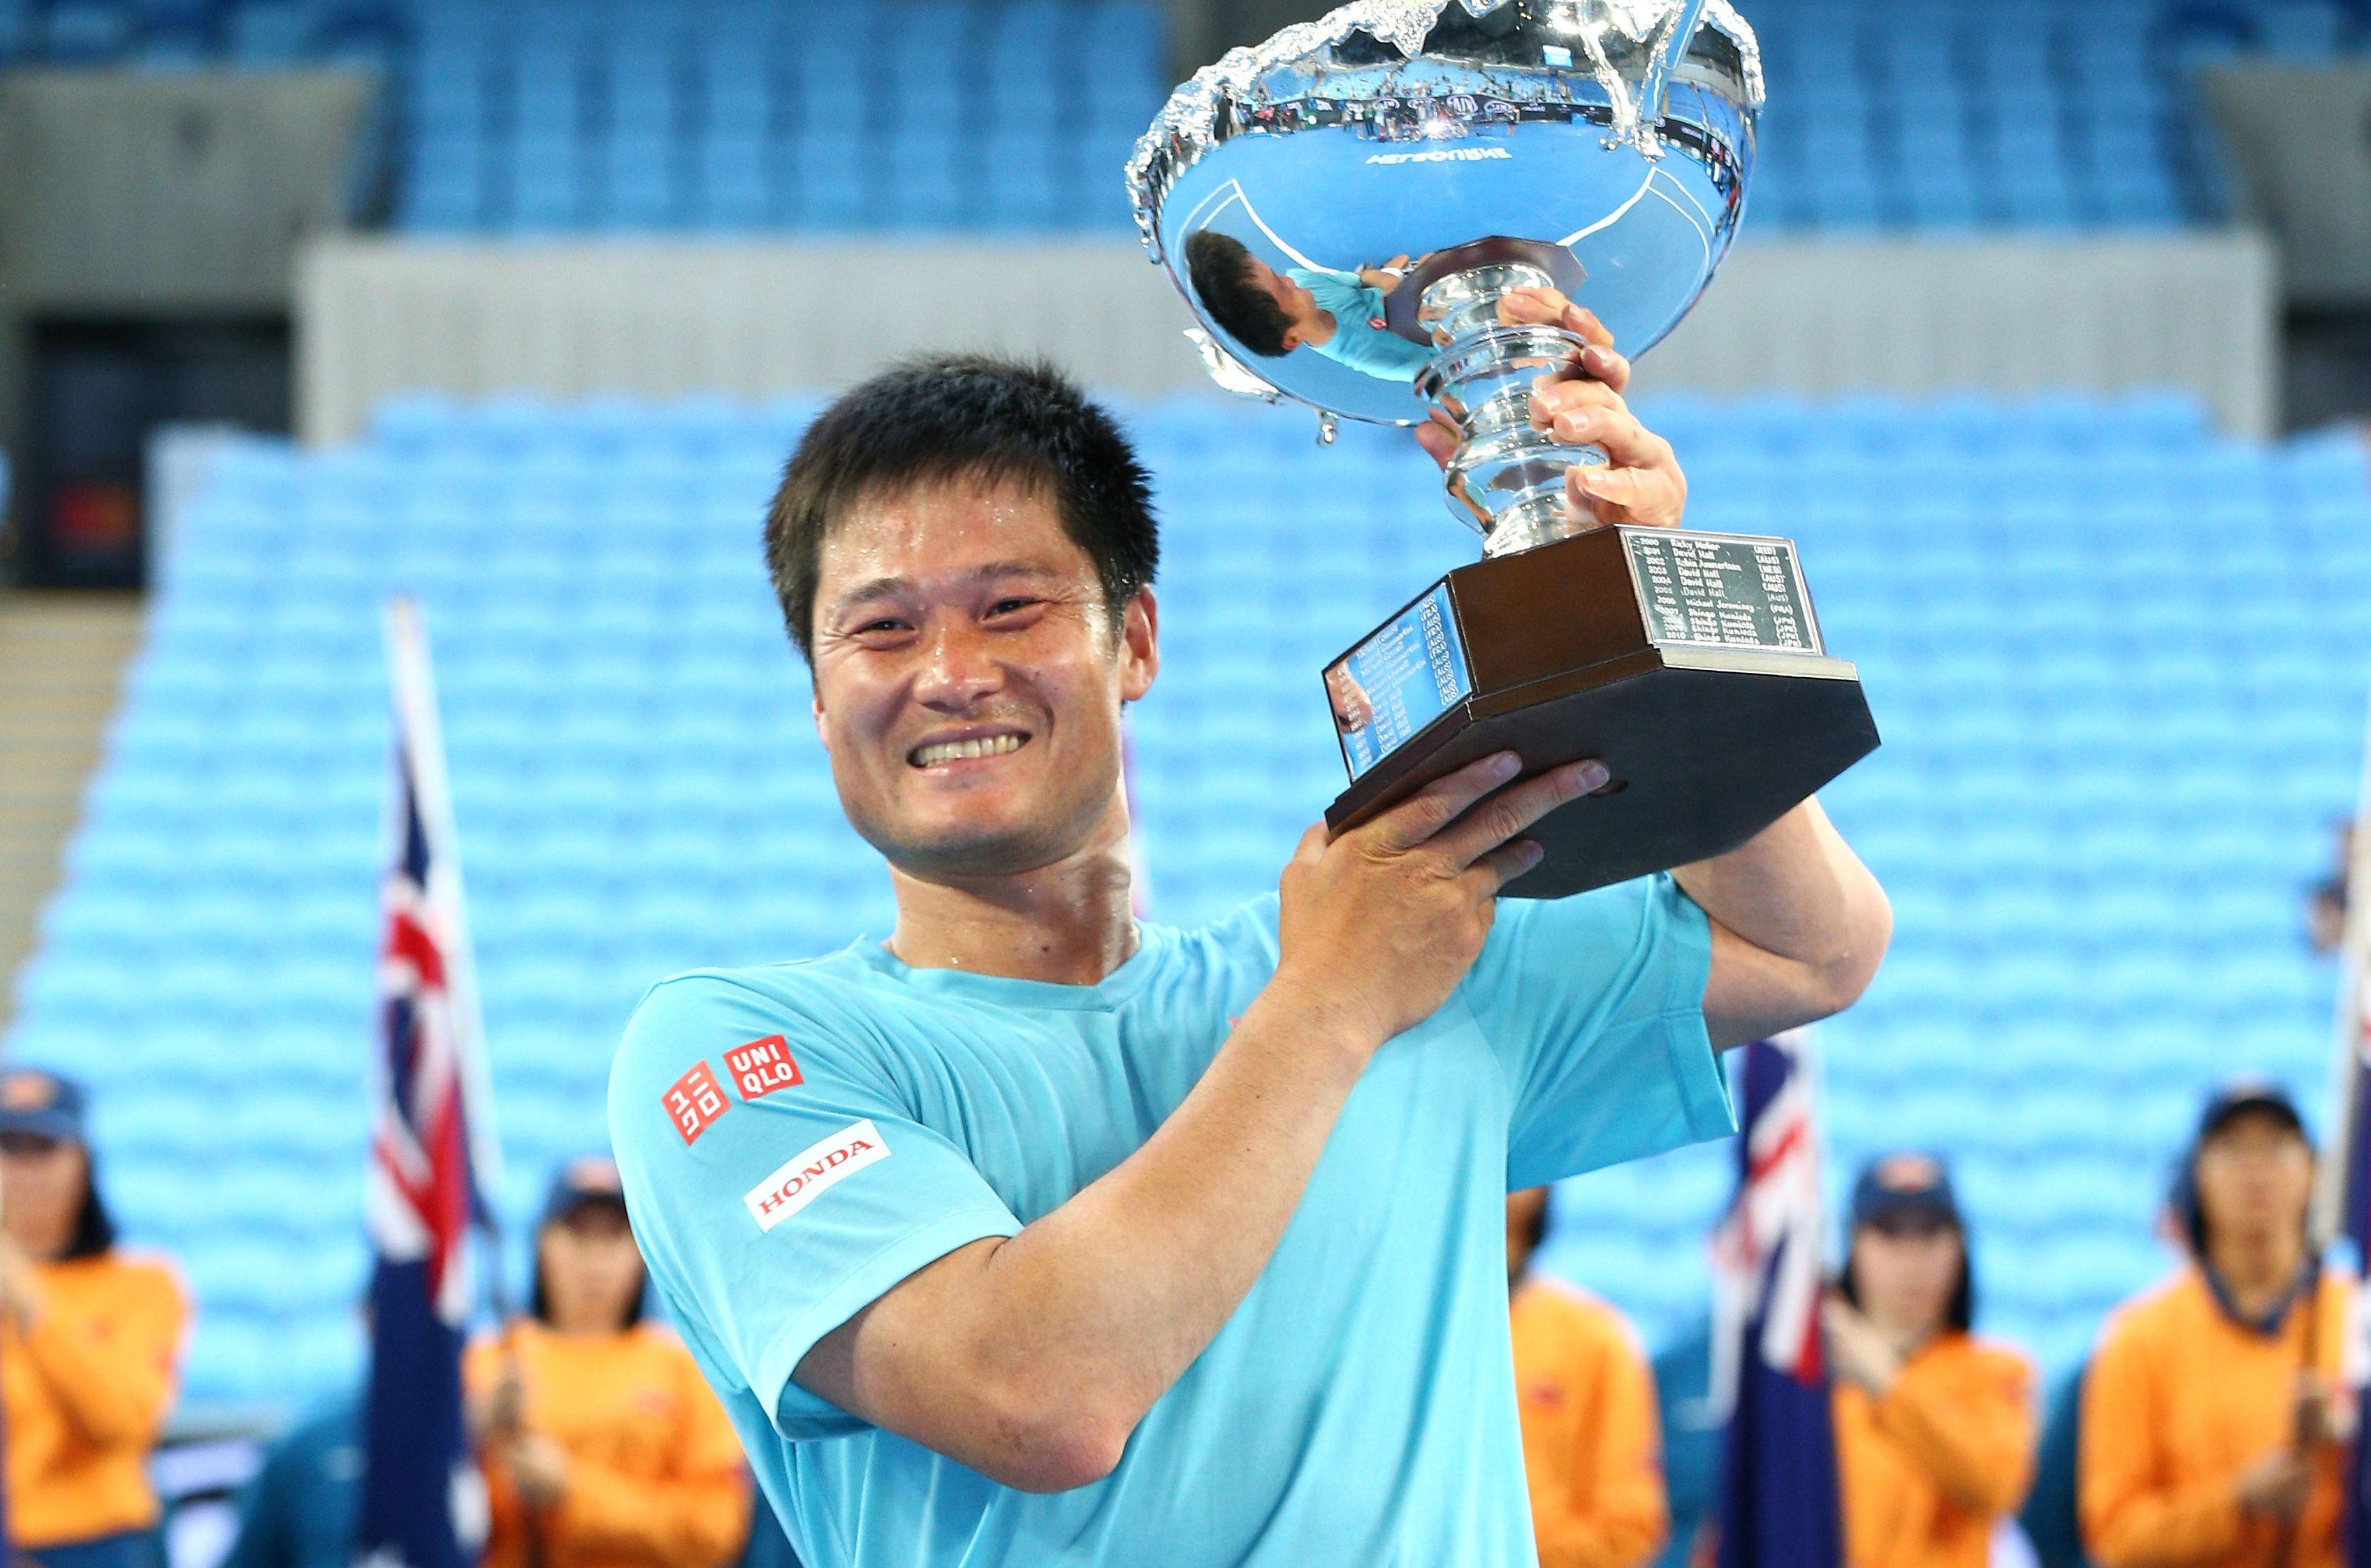 国枝慎吾が全豪オープンで優勝